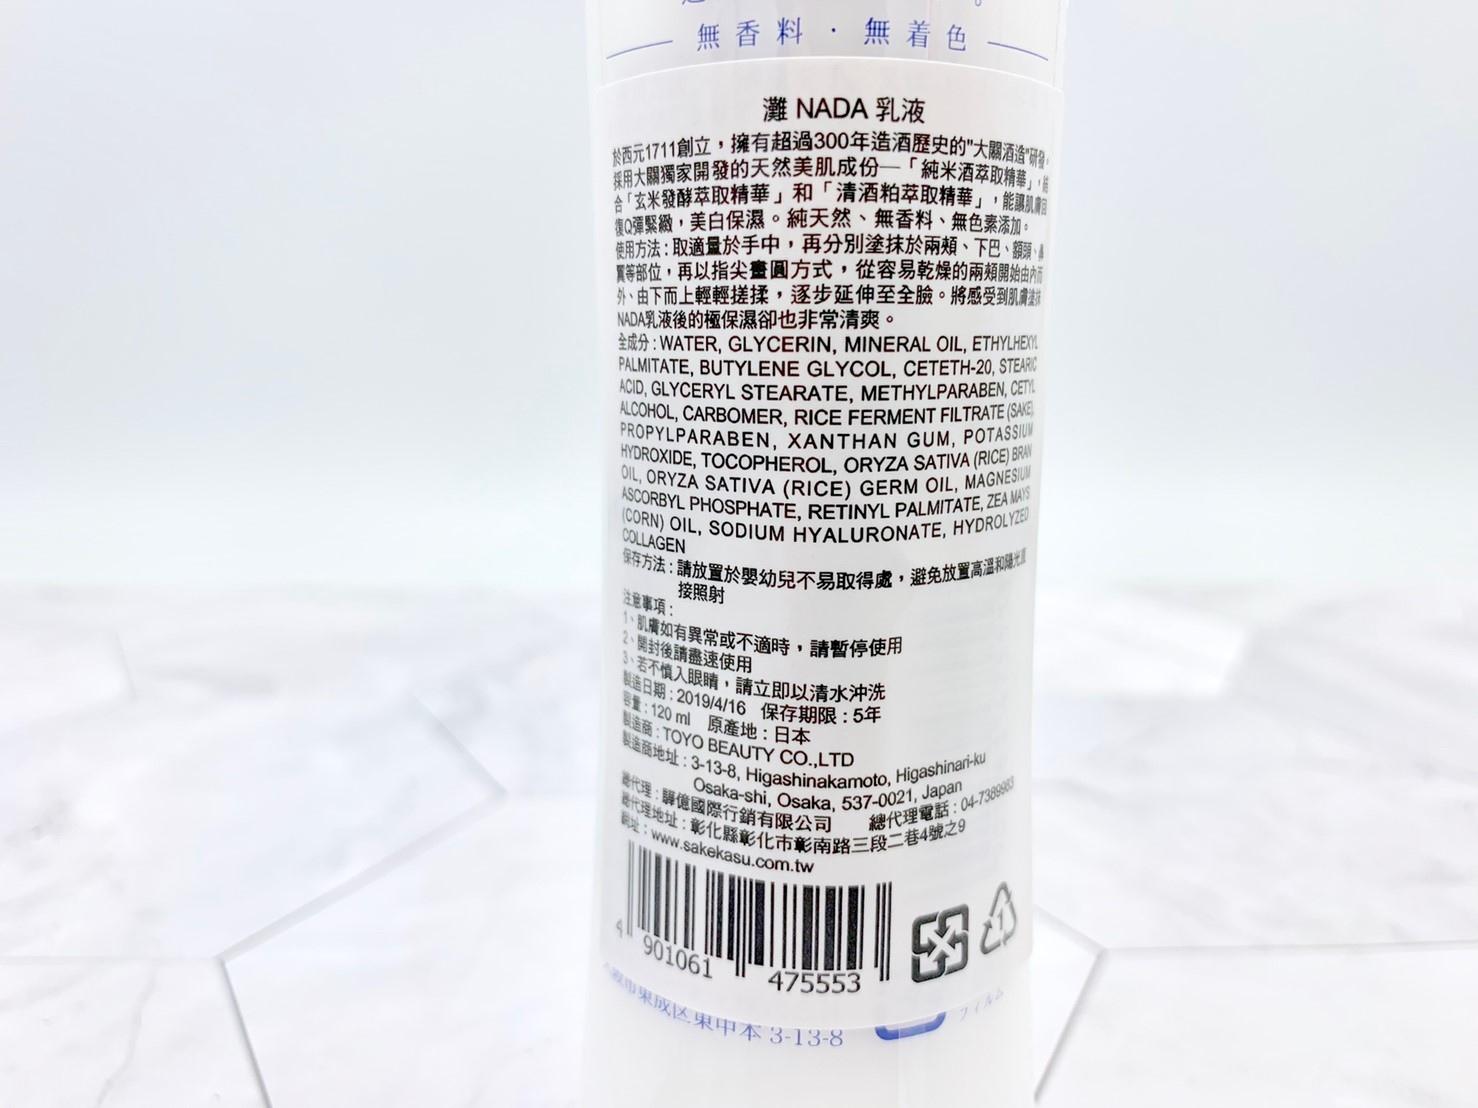 Sakekasu 酒粕專研| 酒藏系美肌保養品『灘NADA』【極致保濕 還妳素顏幼齡肌】特別添加純米酒萃取精華、酒粕酵母精華、玄米萃取精華,純天然成分、無香料、無著色